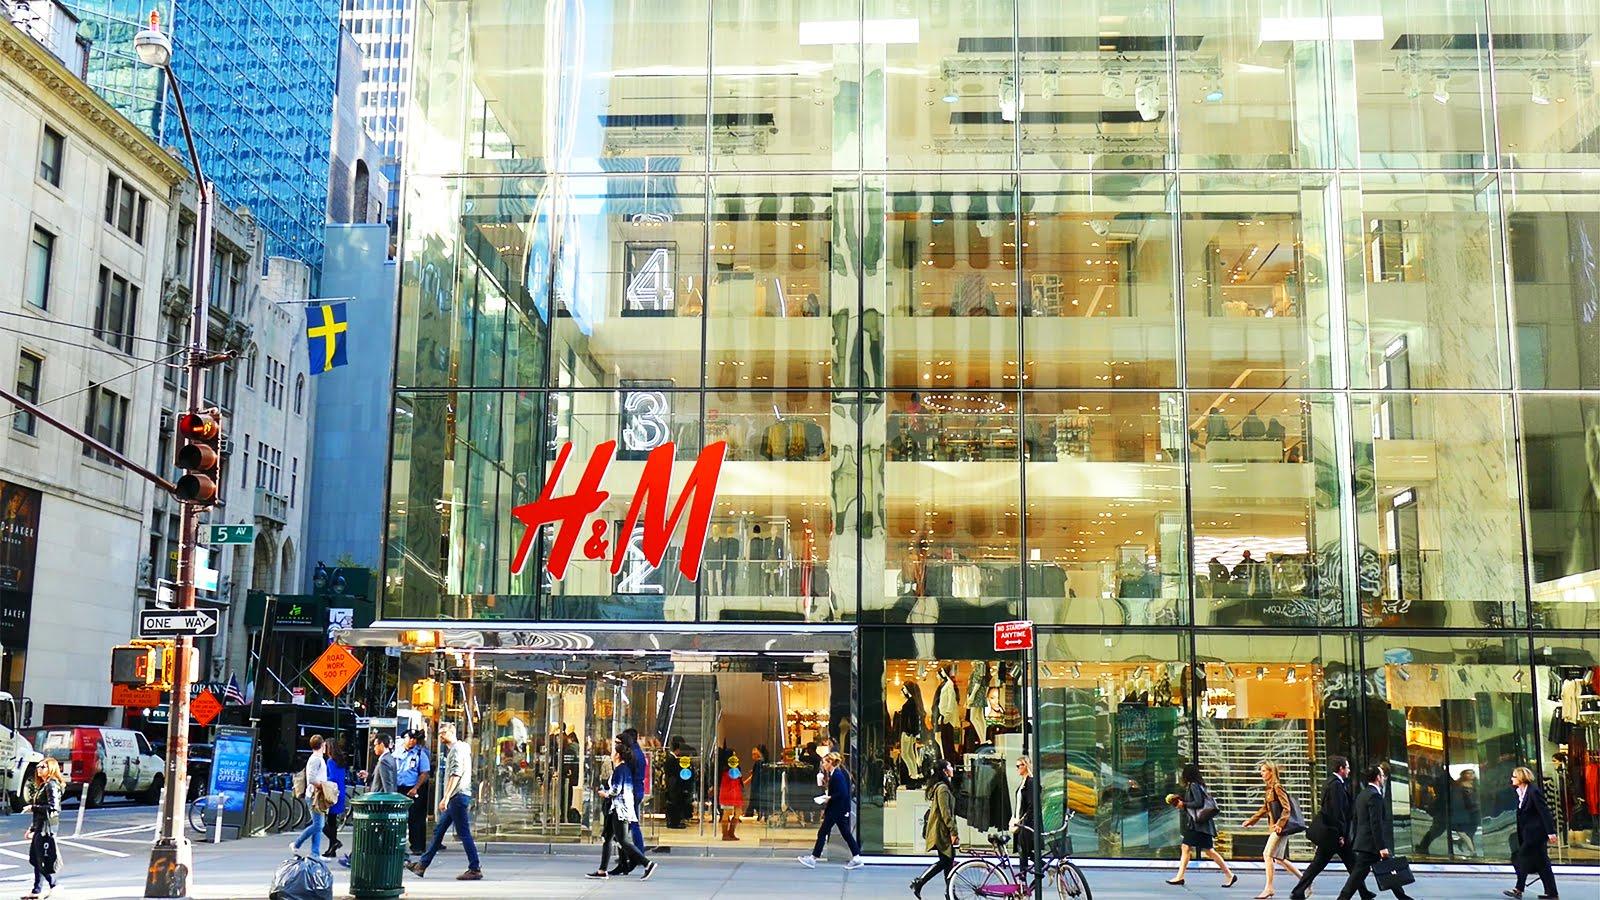 Loja H.M em Nova York